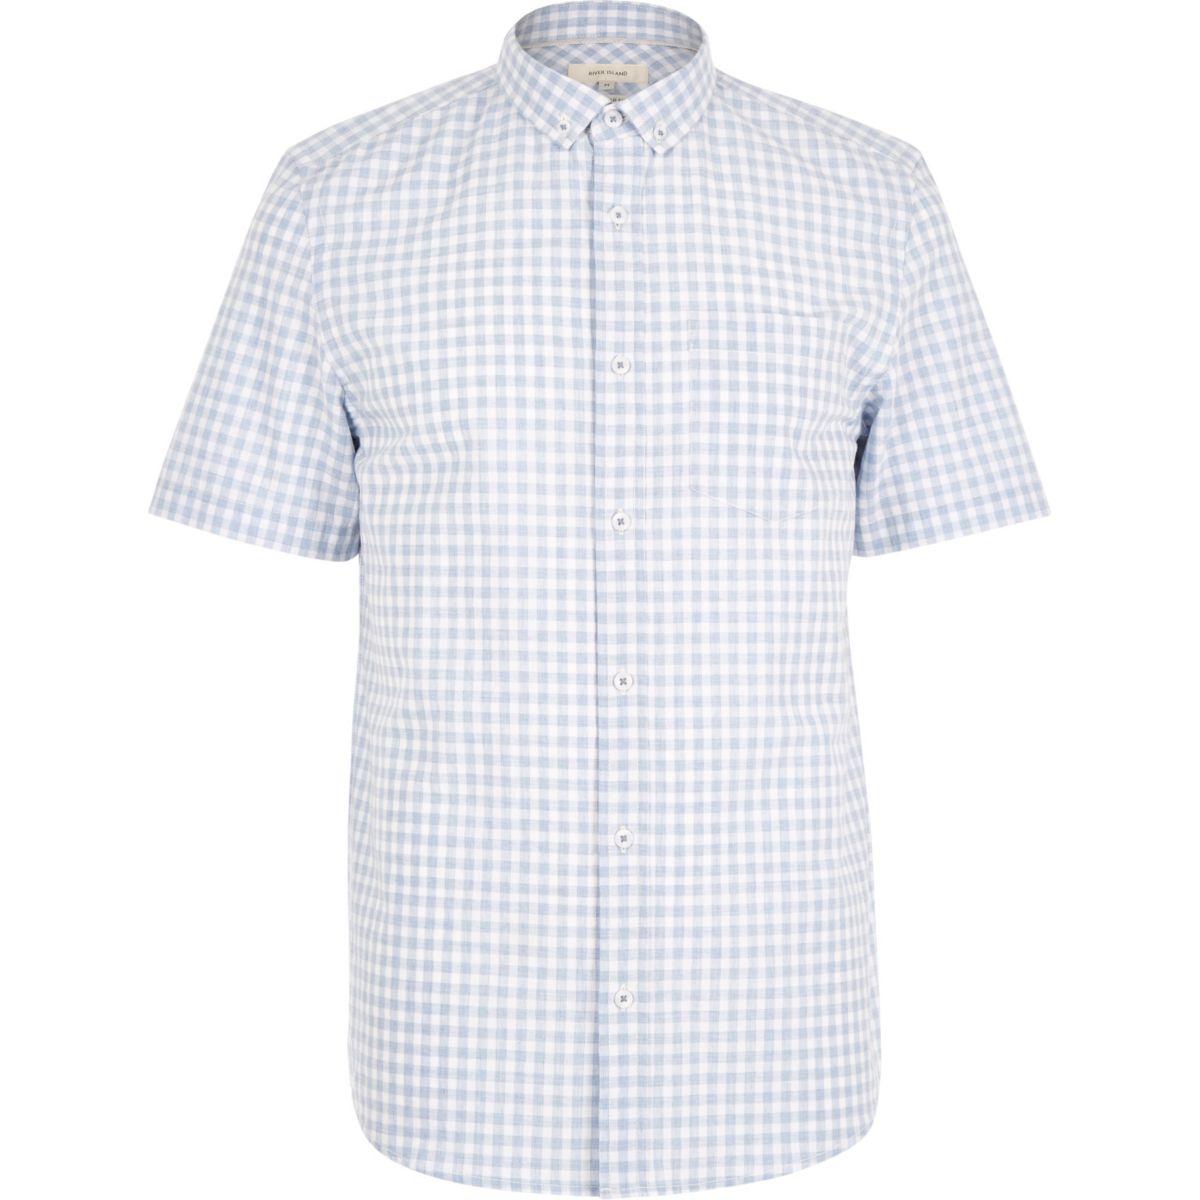 Chemise à carreaux vichy bleue en tissu mélangé à manches courtes